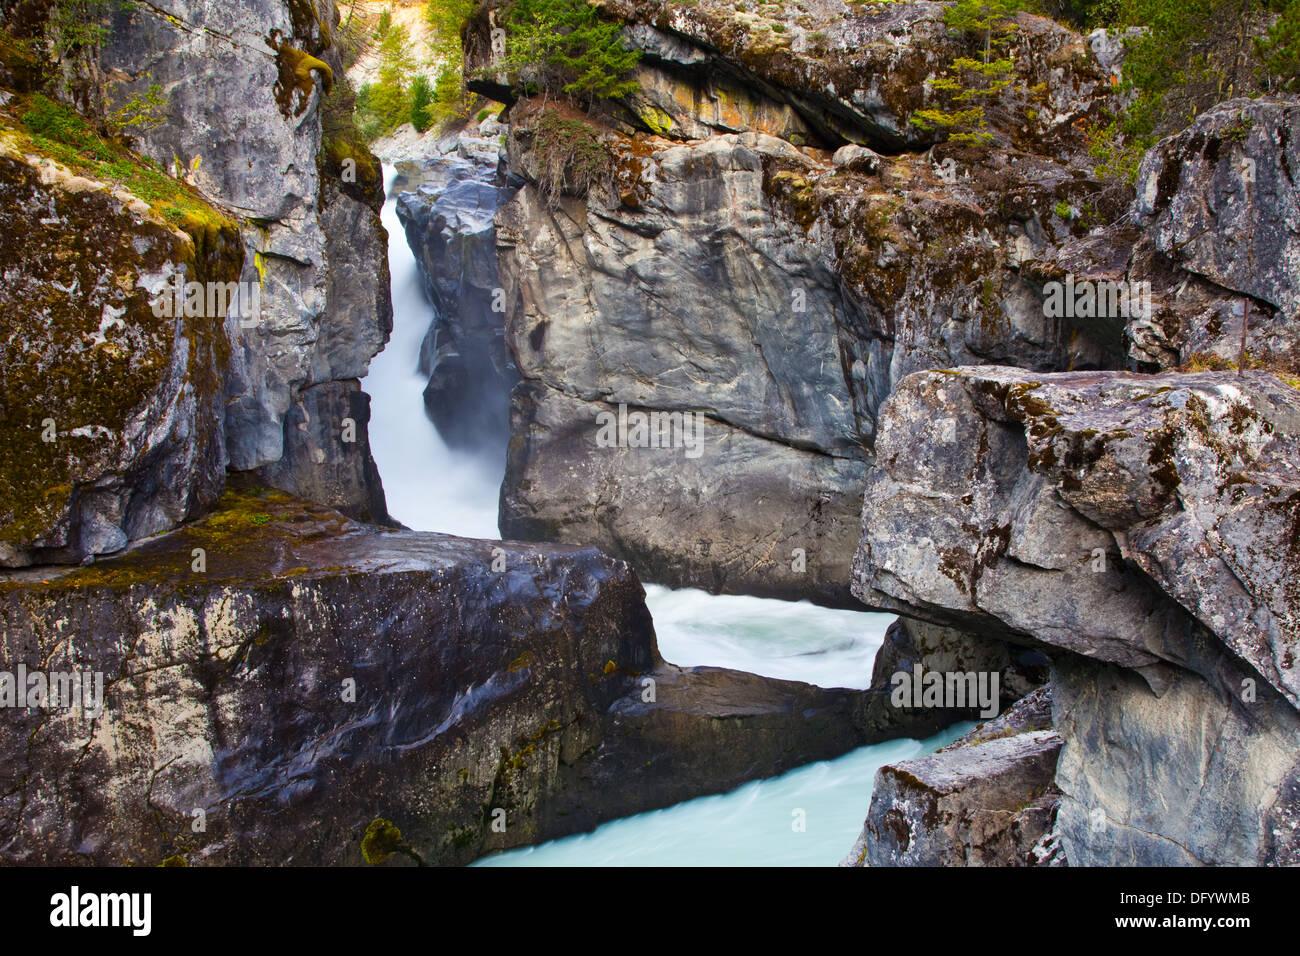 Narrow chasm of Nairn Falls, near Pemberton, British Columbia, - Stock Image